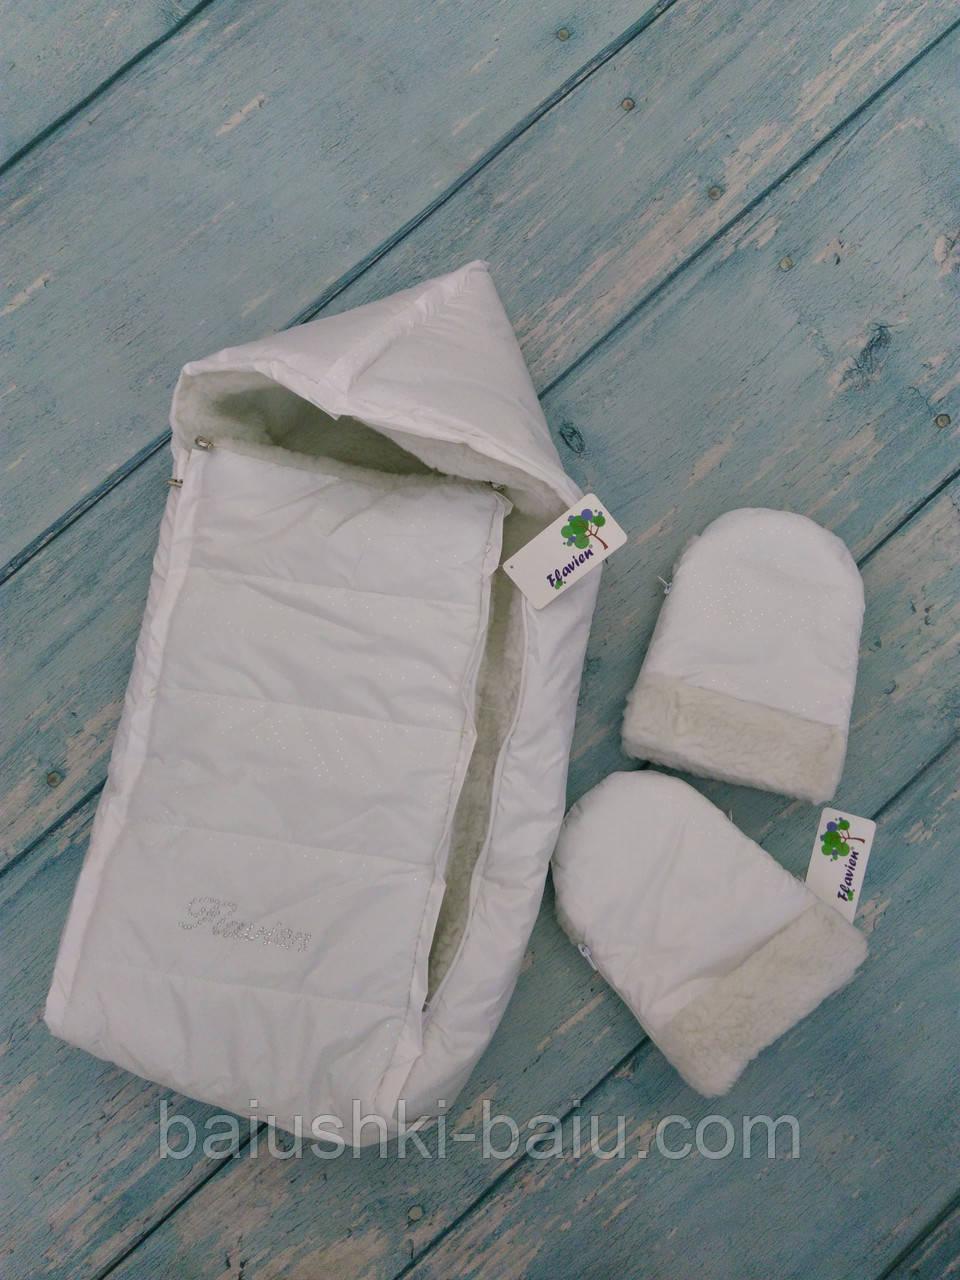 Конверт зимний на выписку для новорожденного + муфта для рук на овчине